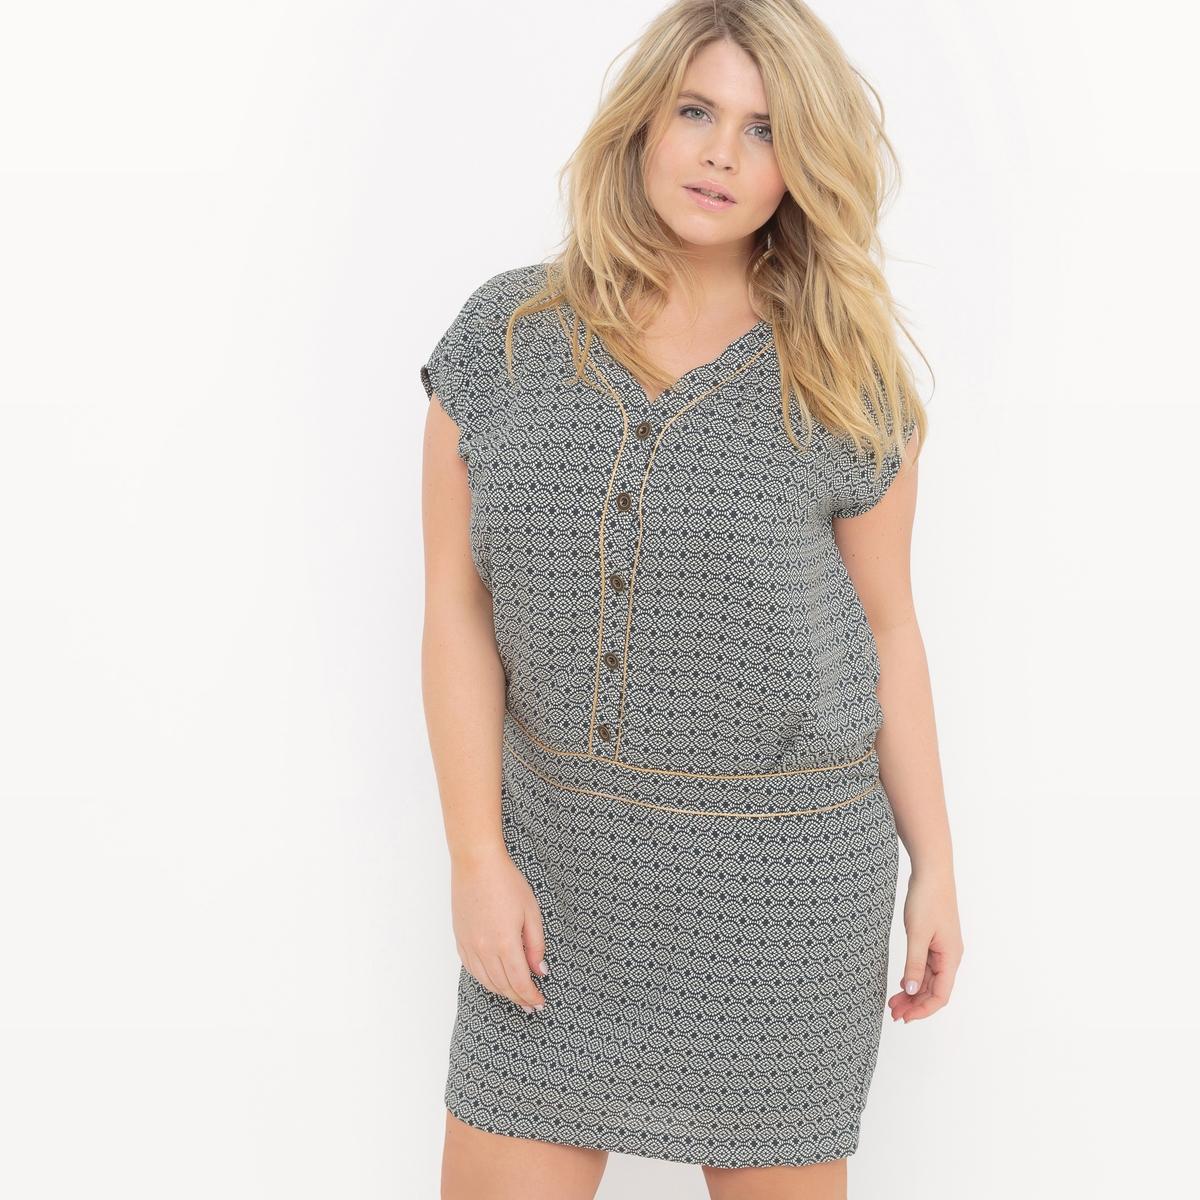 ПлатьеПлатье с короткими рукавами Mellem, V-образный вырез, пуговицы золотистого цвета. Из вискозина с этническим рисунком. На подкладке из вискозы. Платье прямого покроя   . 100% вискоза<br><br>Цвет: хаки/ белый<br>Размер: 46 (FR) - 52 (RUS)